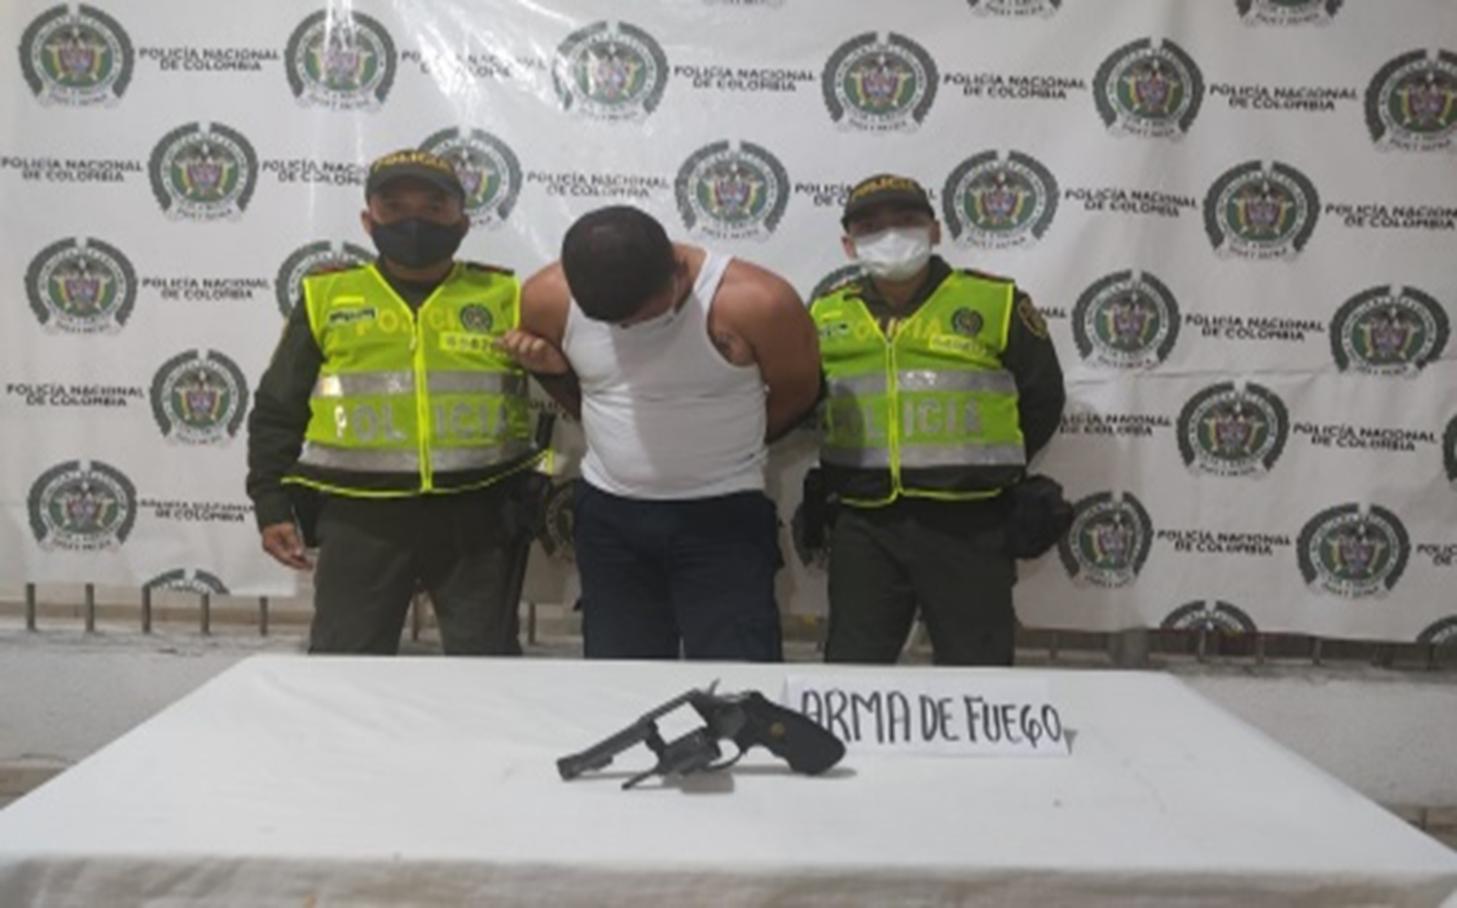 https://www.notasrosas.com/Capturado por hurtar joyas avaluadas en 38 millones de pesos en la Ciudadela Comfacesar, de Valledupar